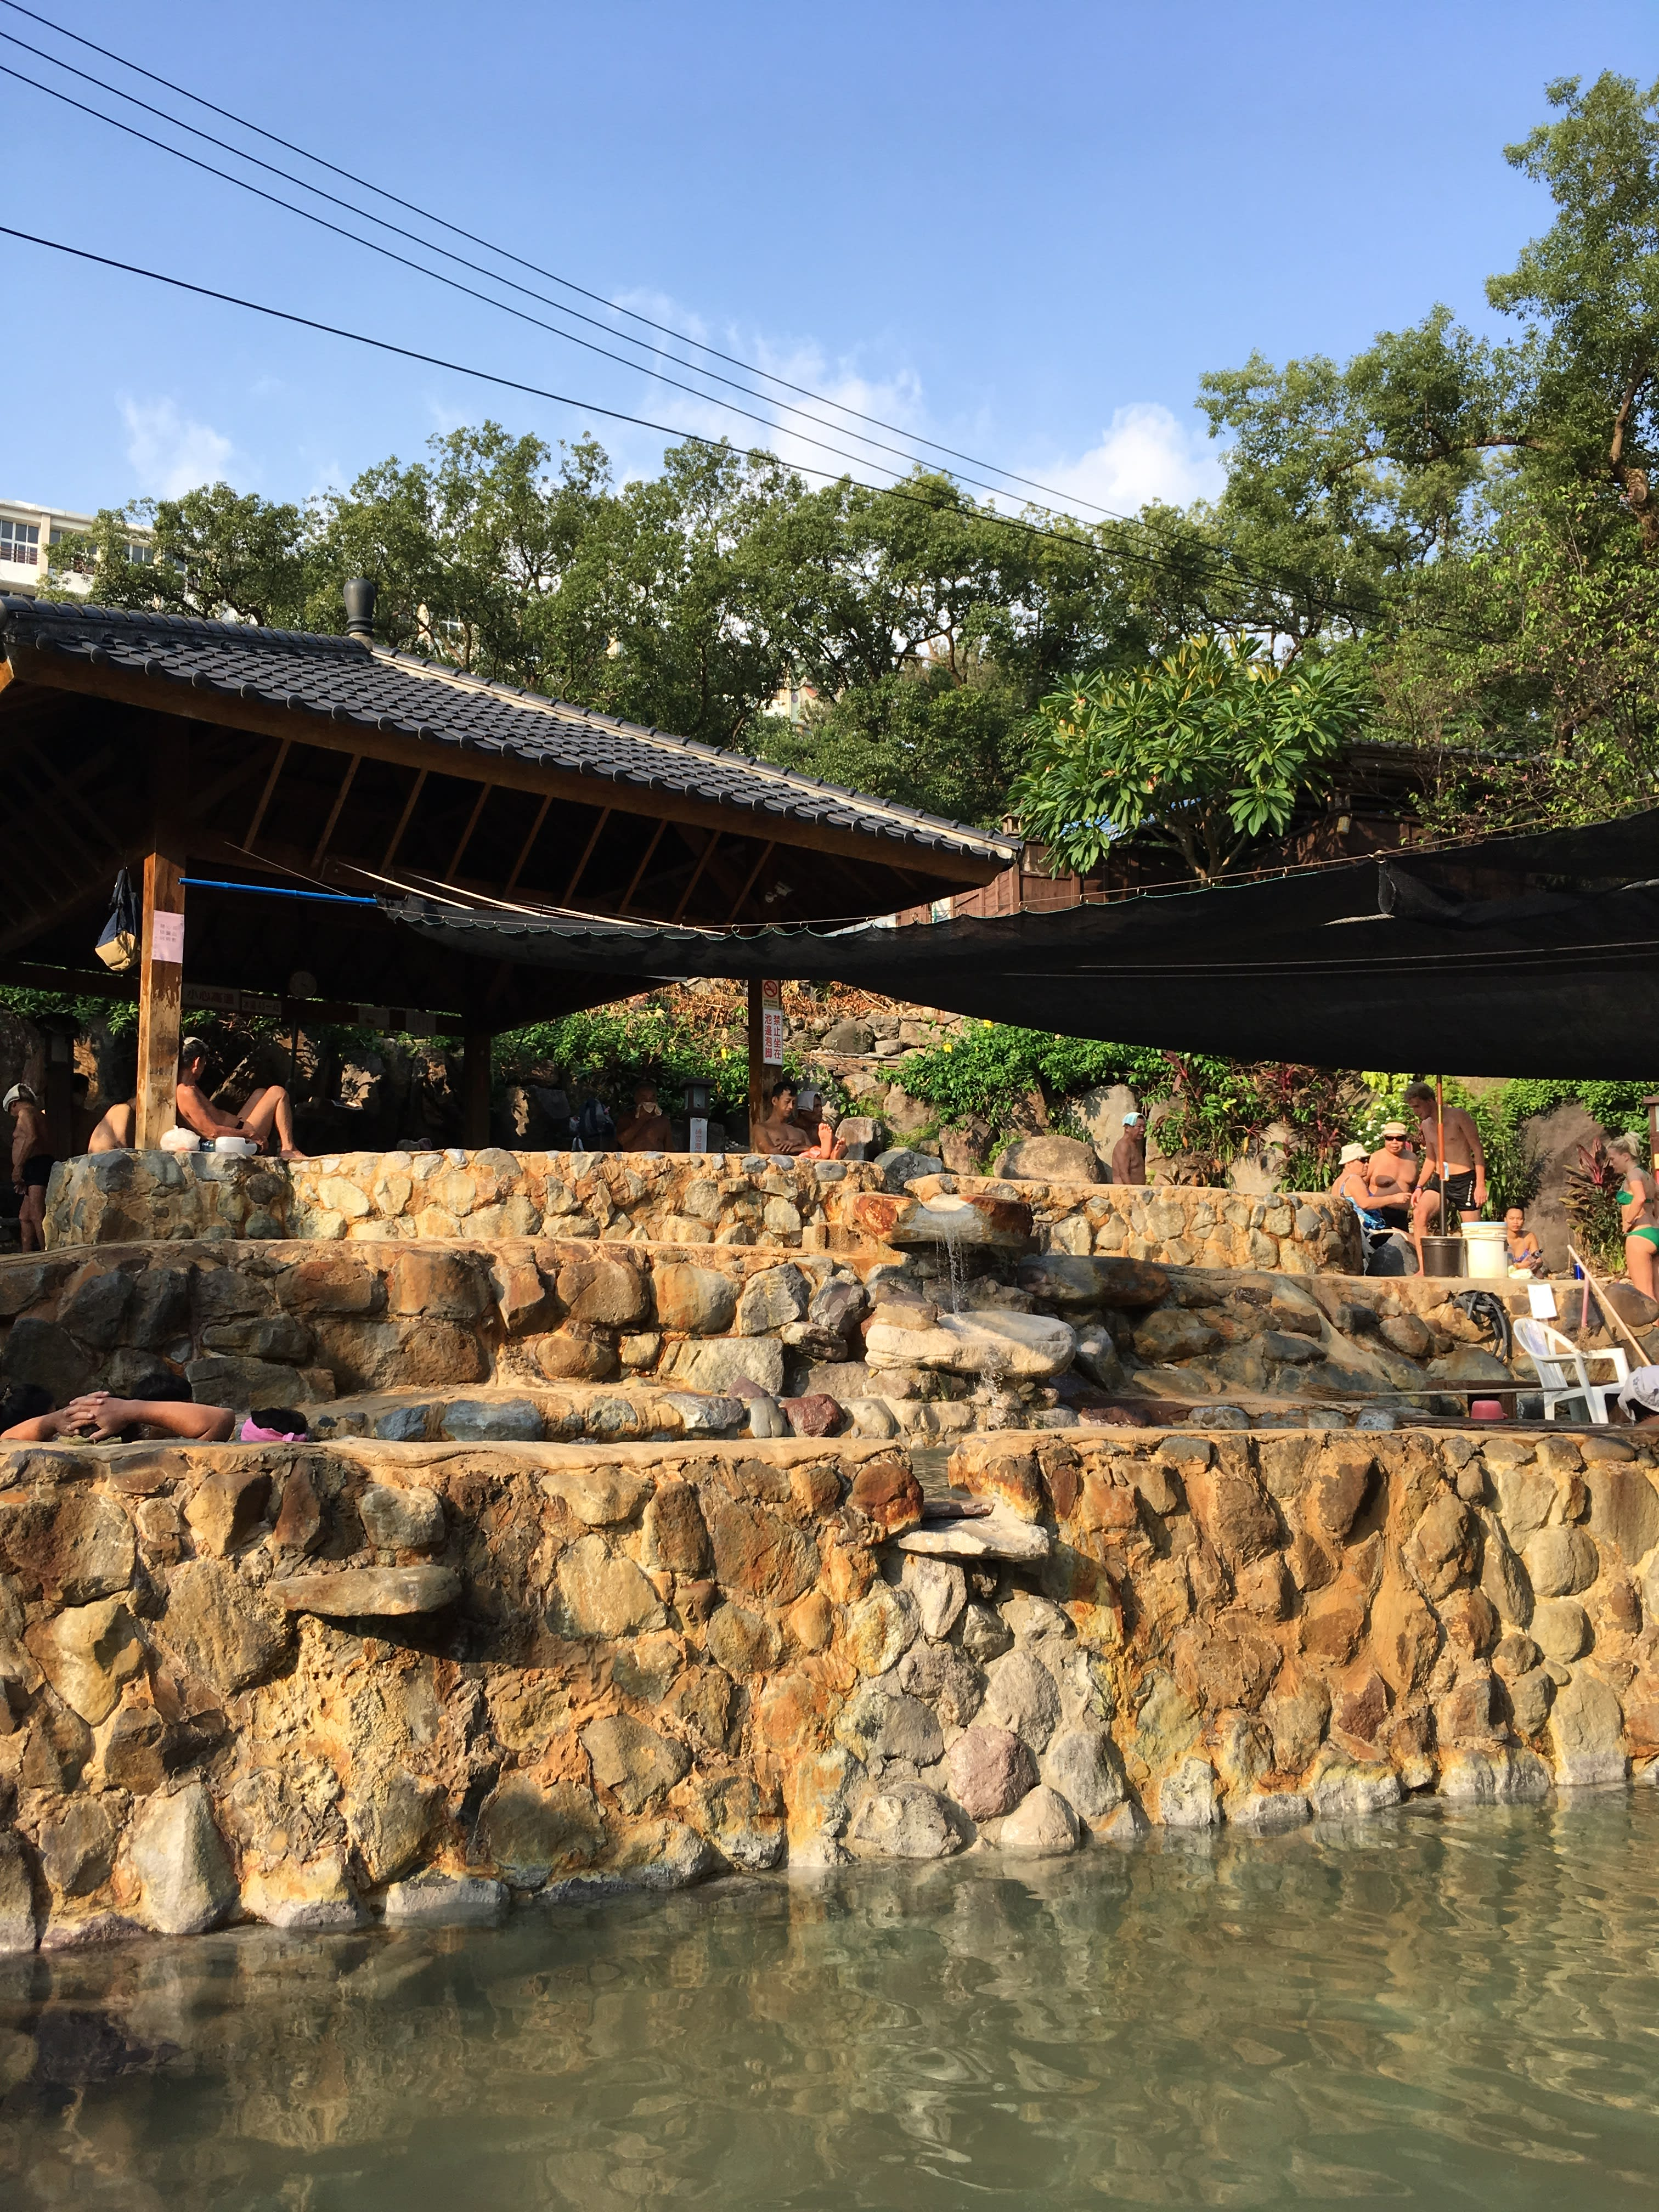 依地勢高低錯落分布的溫泉浴池 來源:臺北市政府工務局公園路燈工程管理處